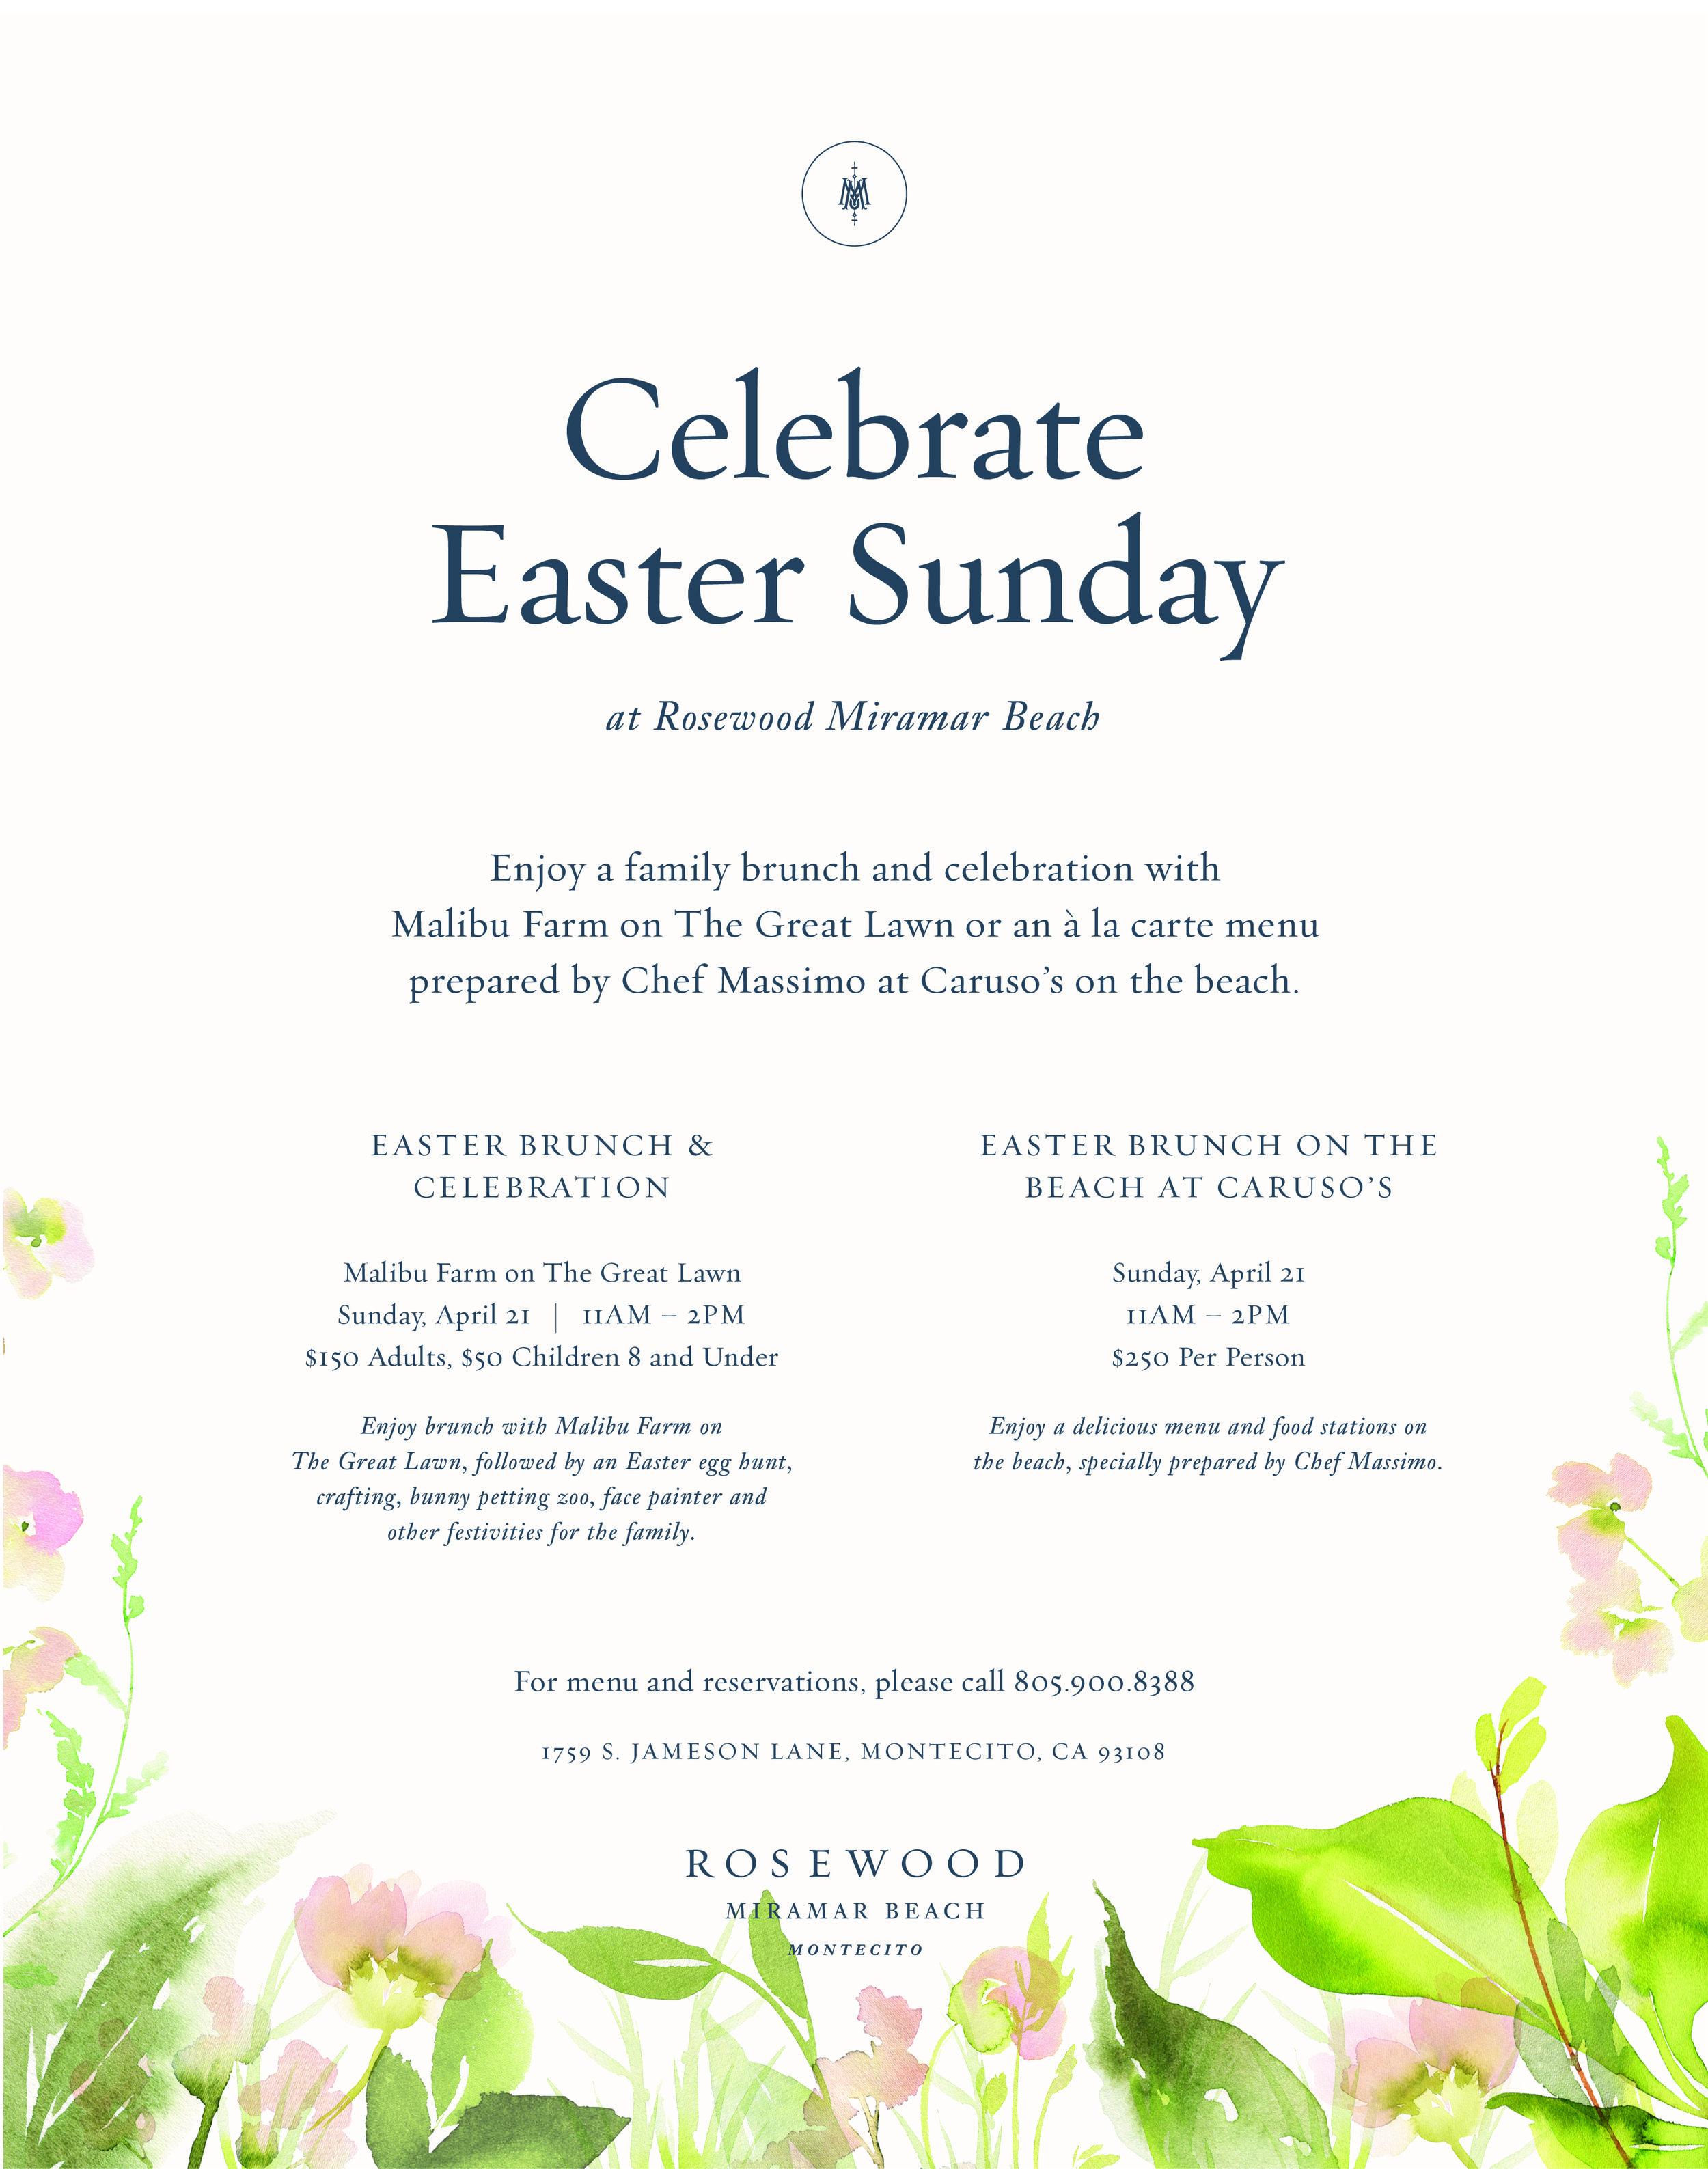 RMB_Easter_SundayBrunch_MontecitoJournal-Ad_R5.jpg